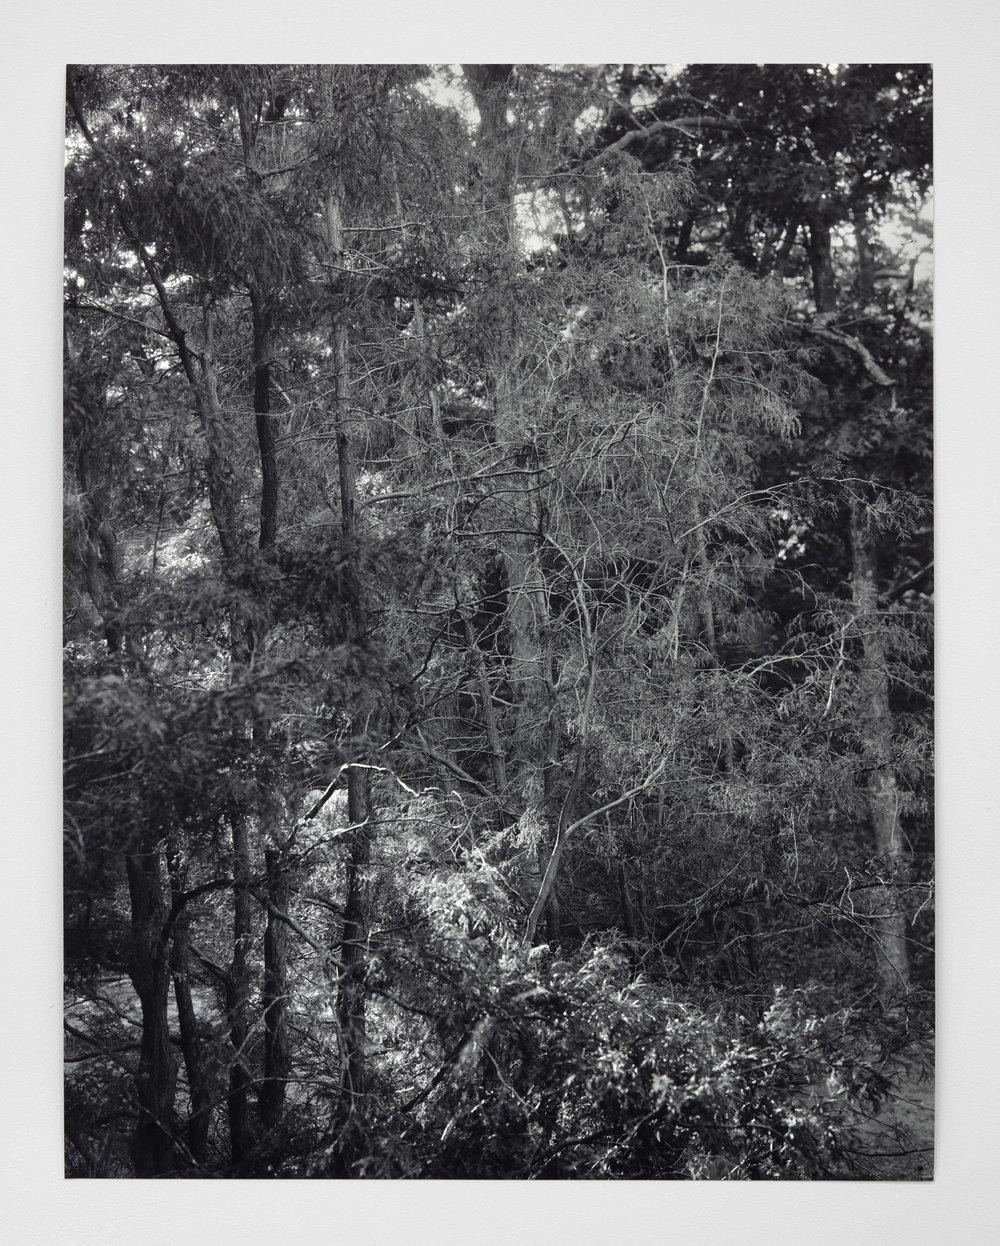 Wayland Wood (2016)